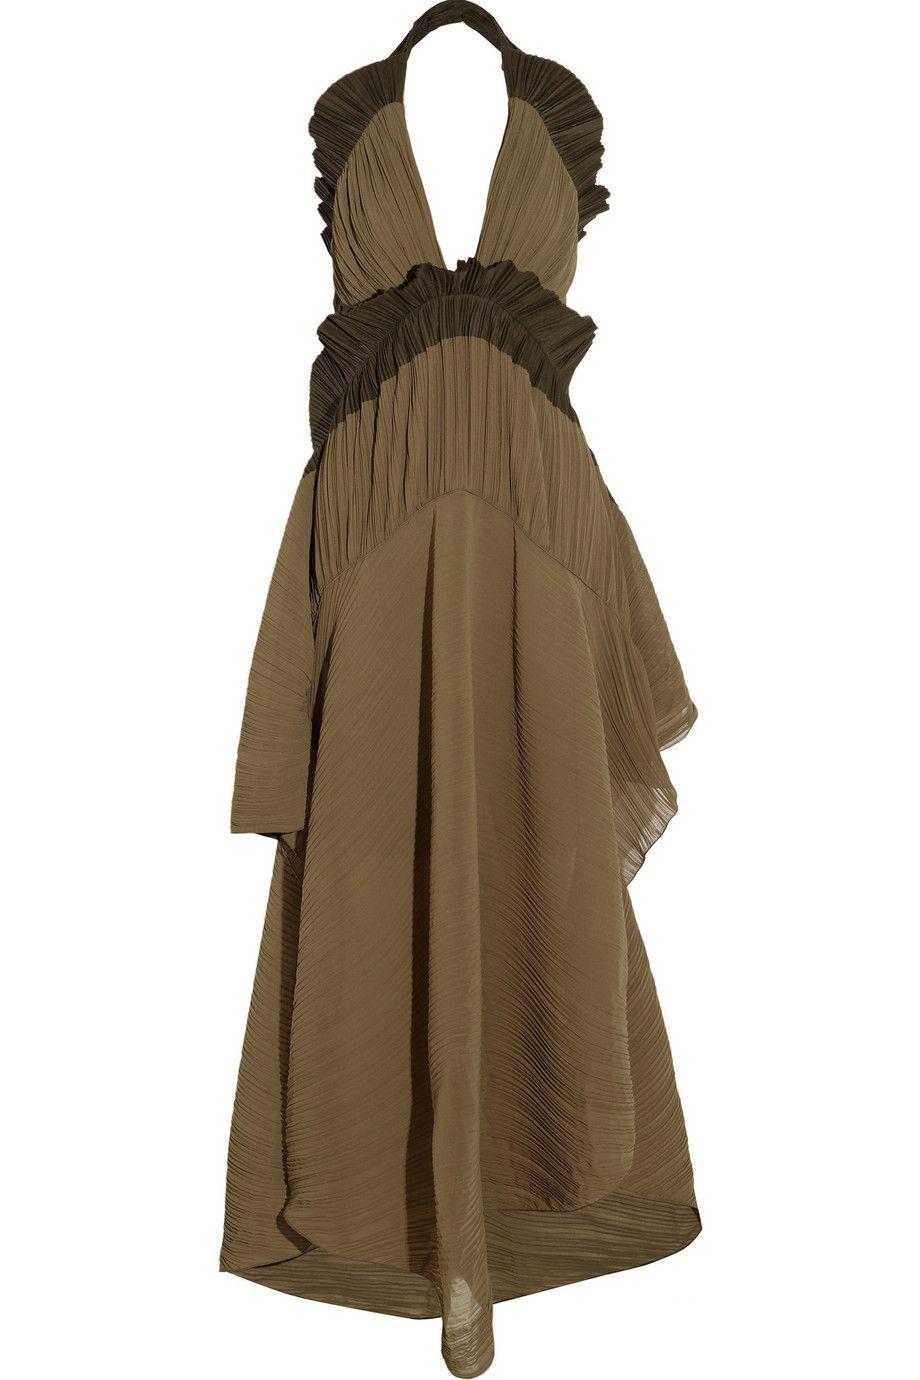 Chloé|Plissé georgette maxi dress|NET-A-PORTER.COM